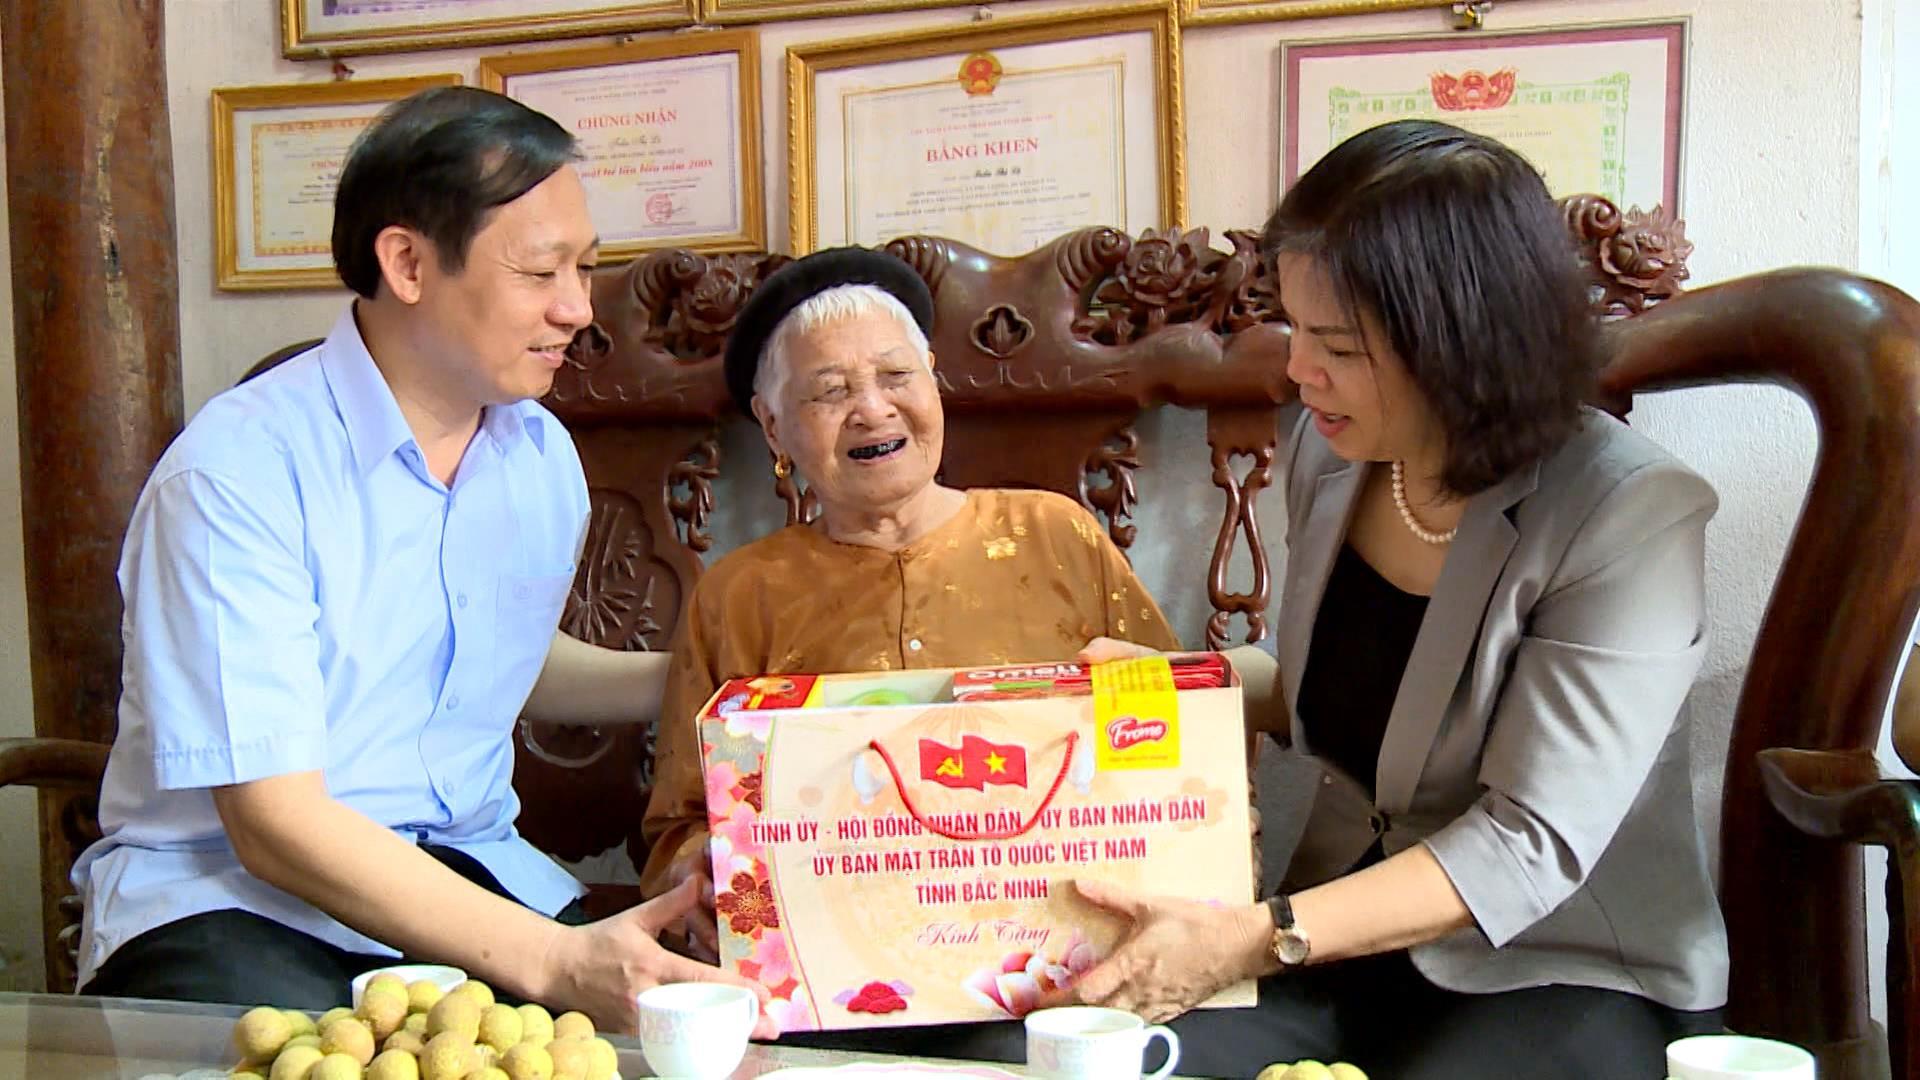 Bắc Ninh: Người có công được điều dưỡng phục hồi sức khỏe 1 năm/lần